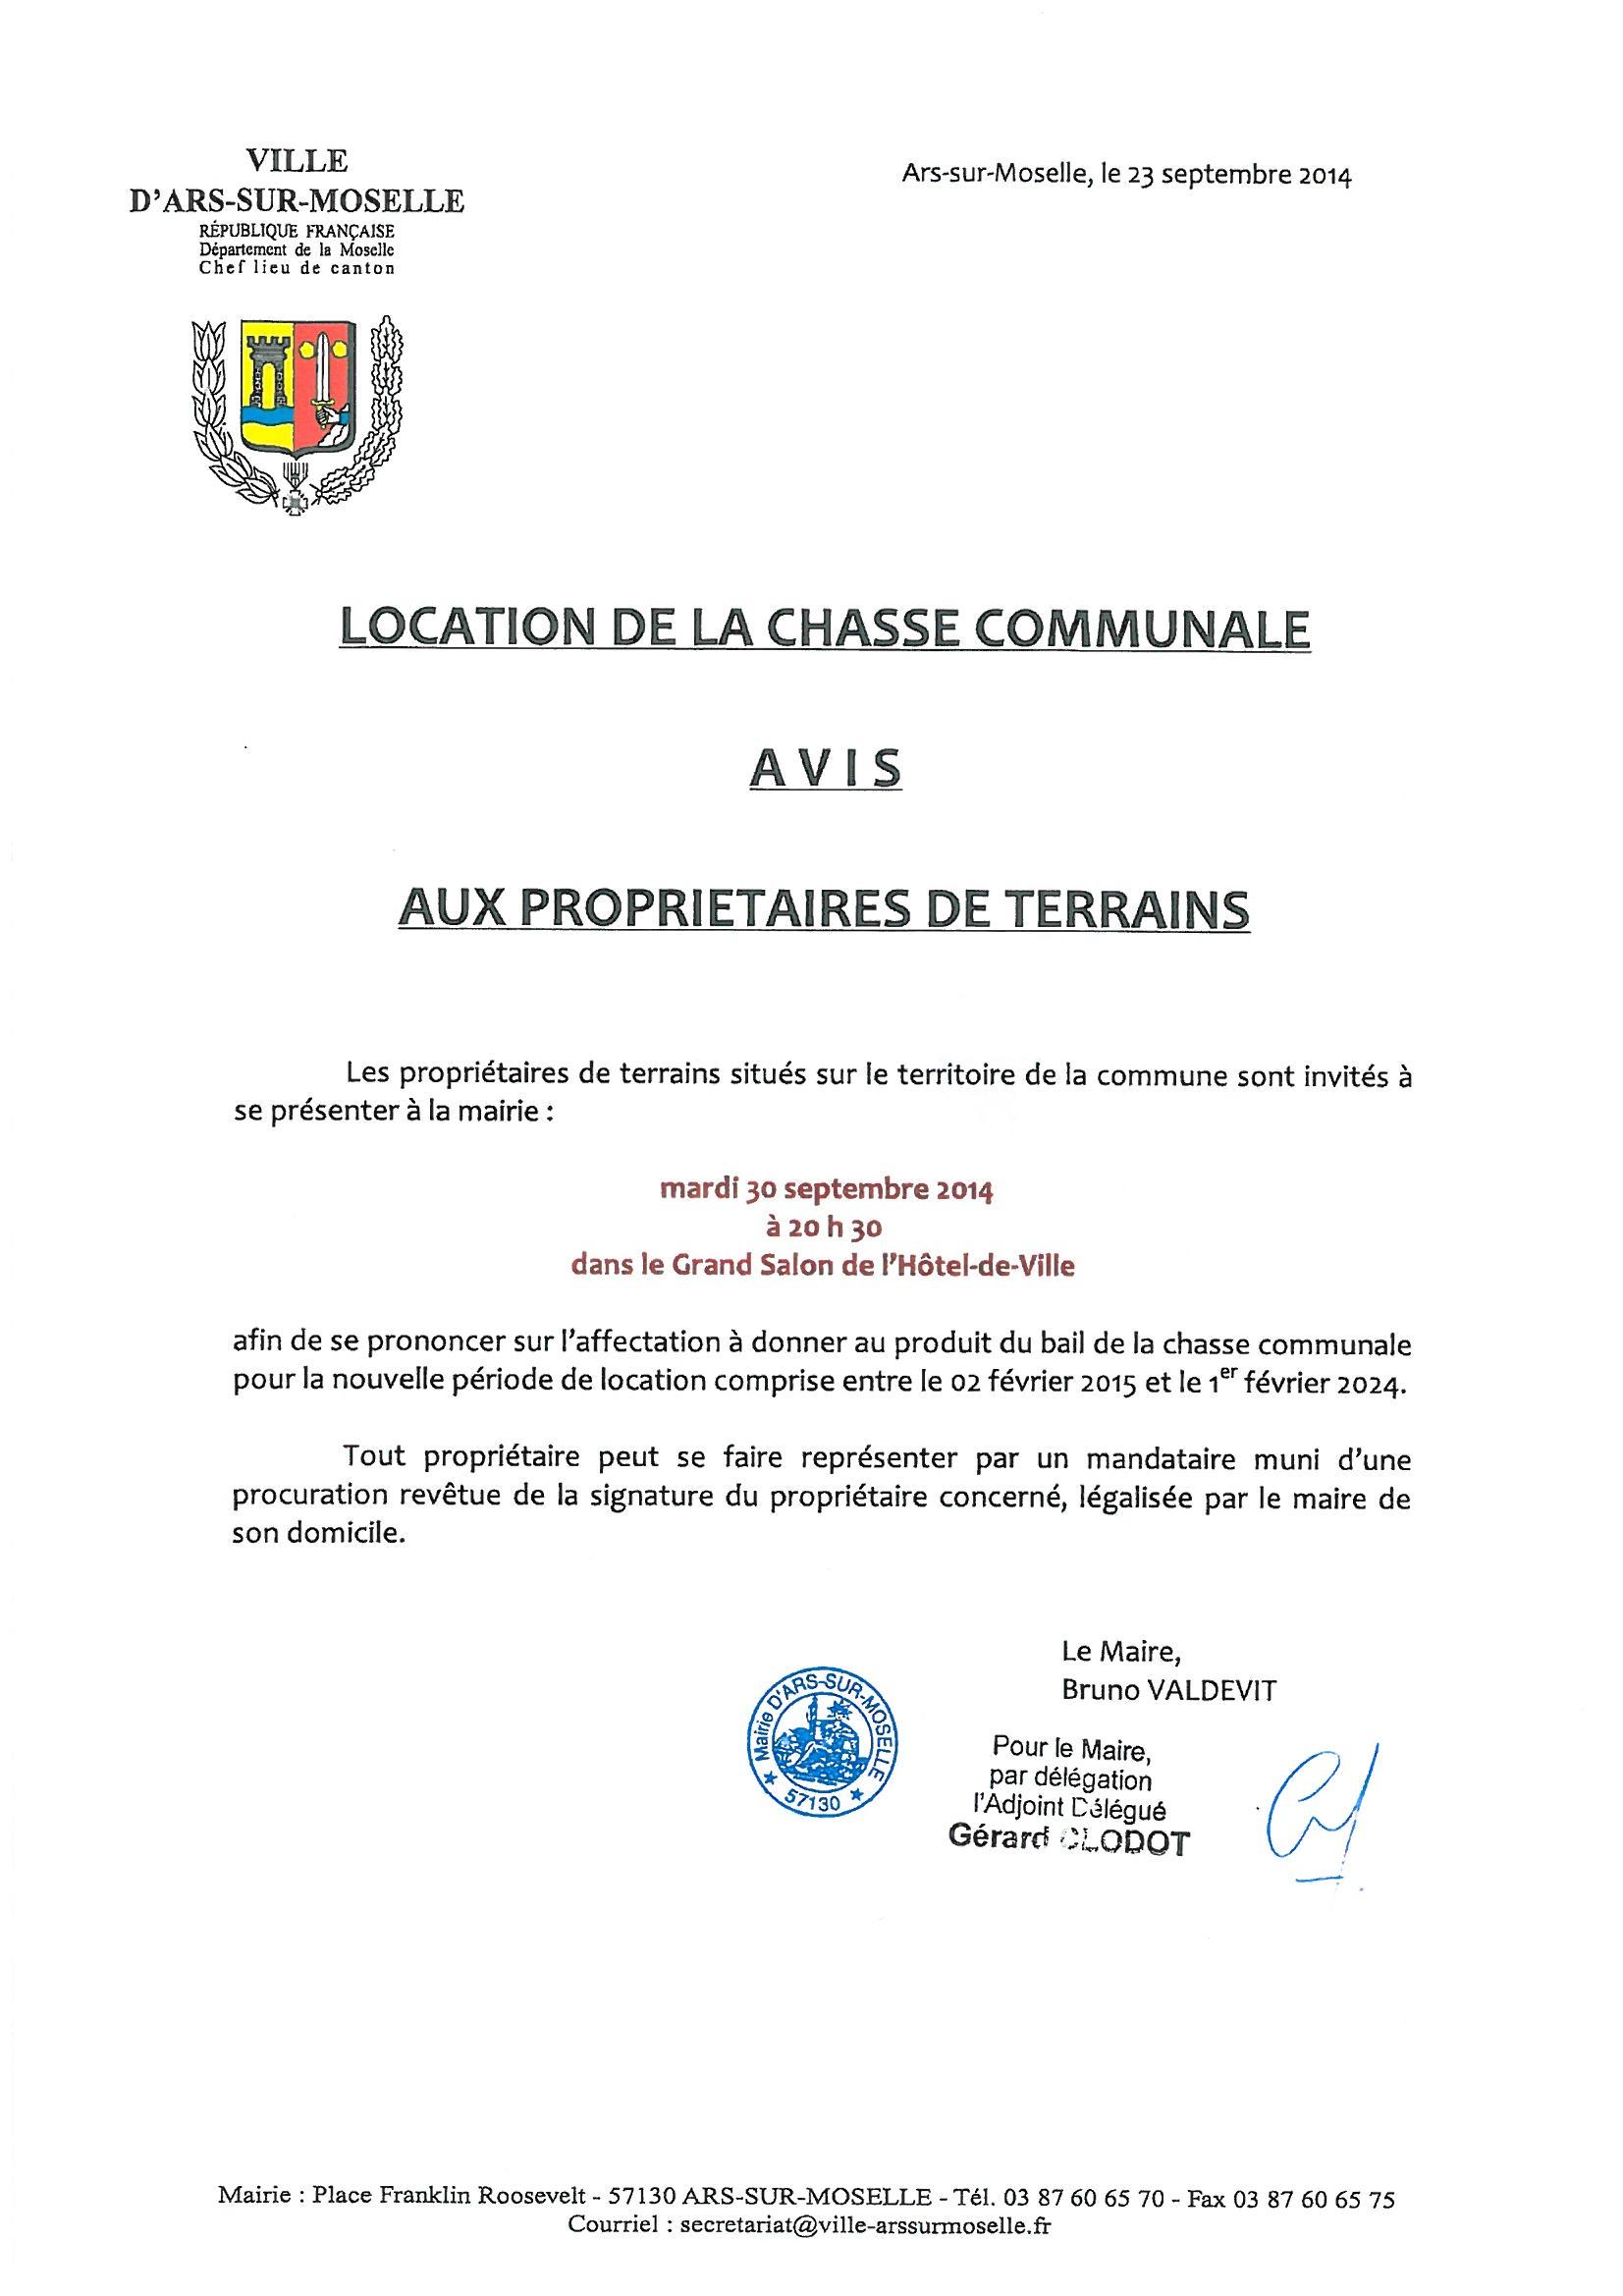 LOCATION DE LA CHASSE COMMUNALE - AFFECTATION DU PRODUIT DU BAIL mardi 30 septembre